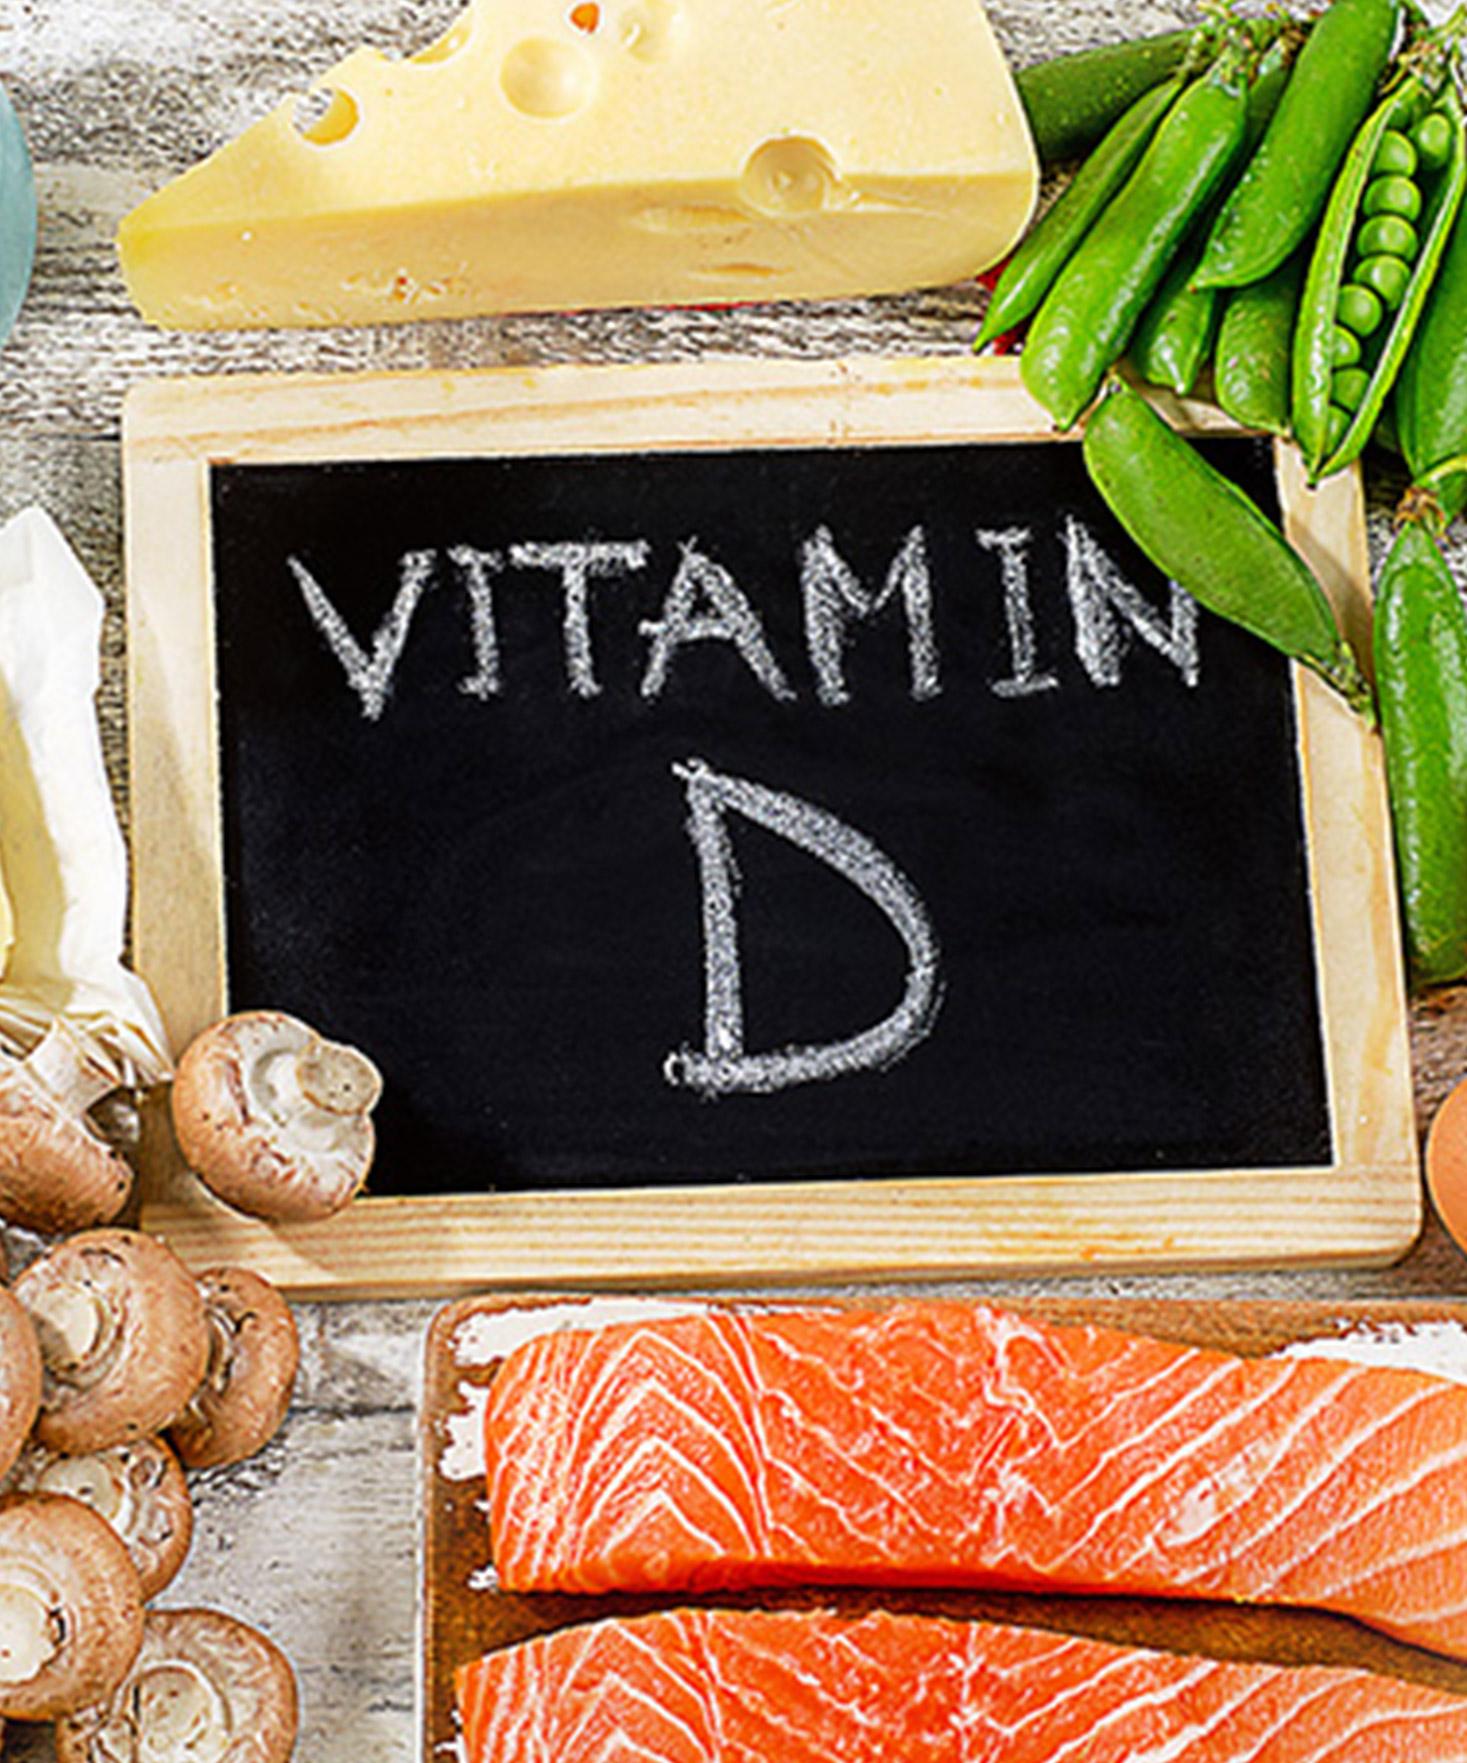 Tout savoir sur la Vitamine D :  bienfaits et sources